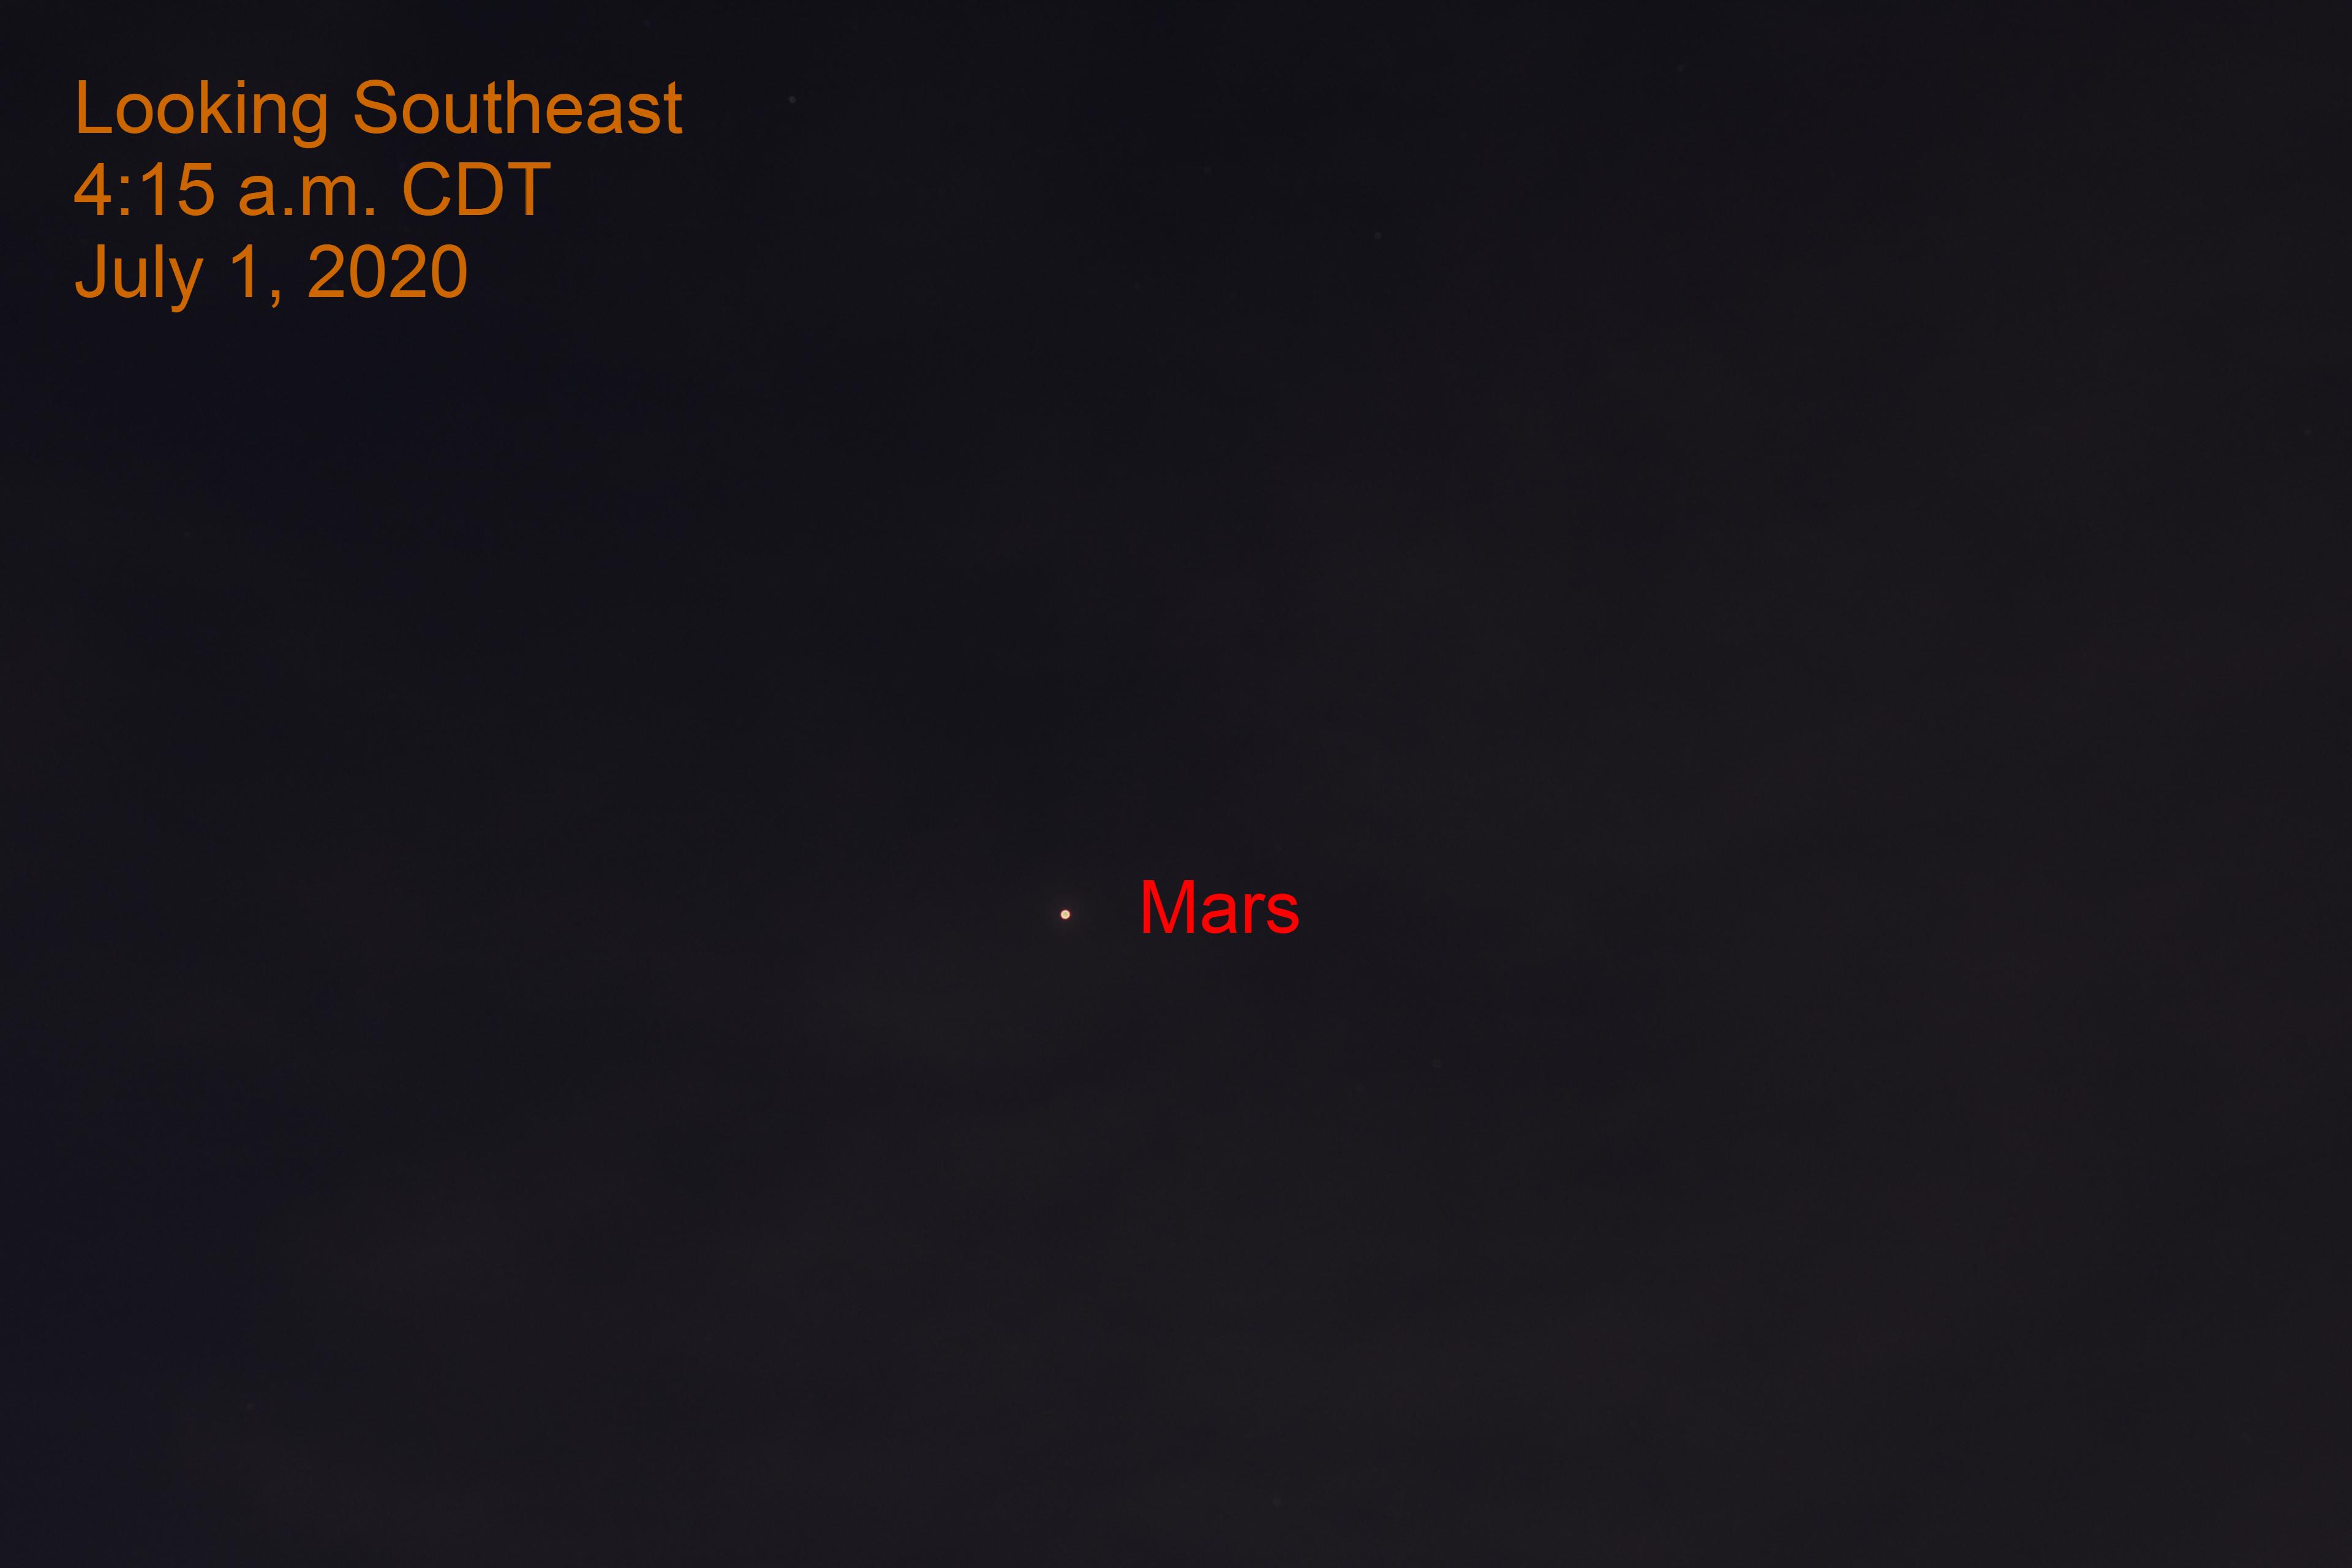 Mars in southeast, July 1, 2020